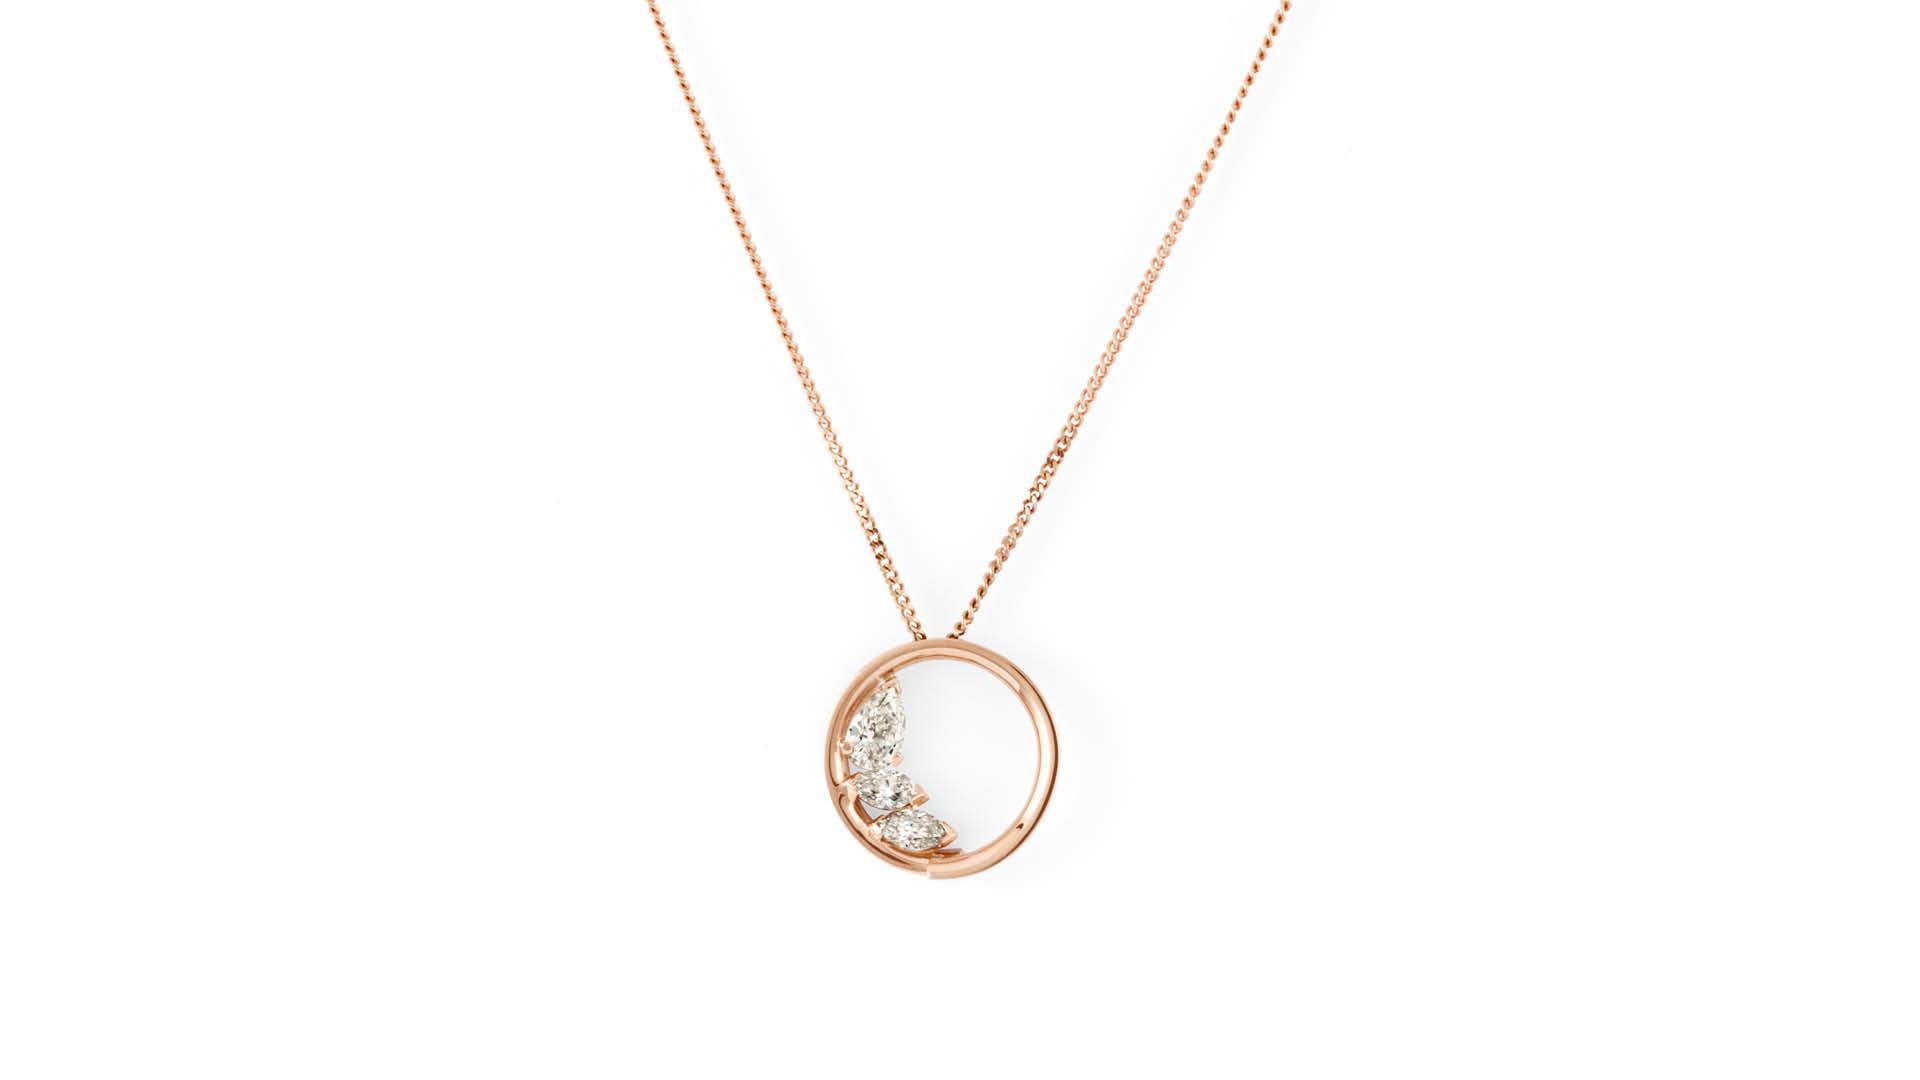 Repossi Studio gold and diamond pendant